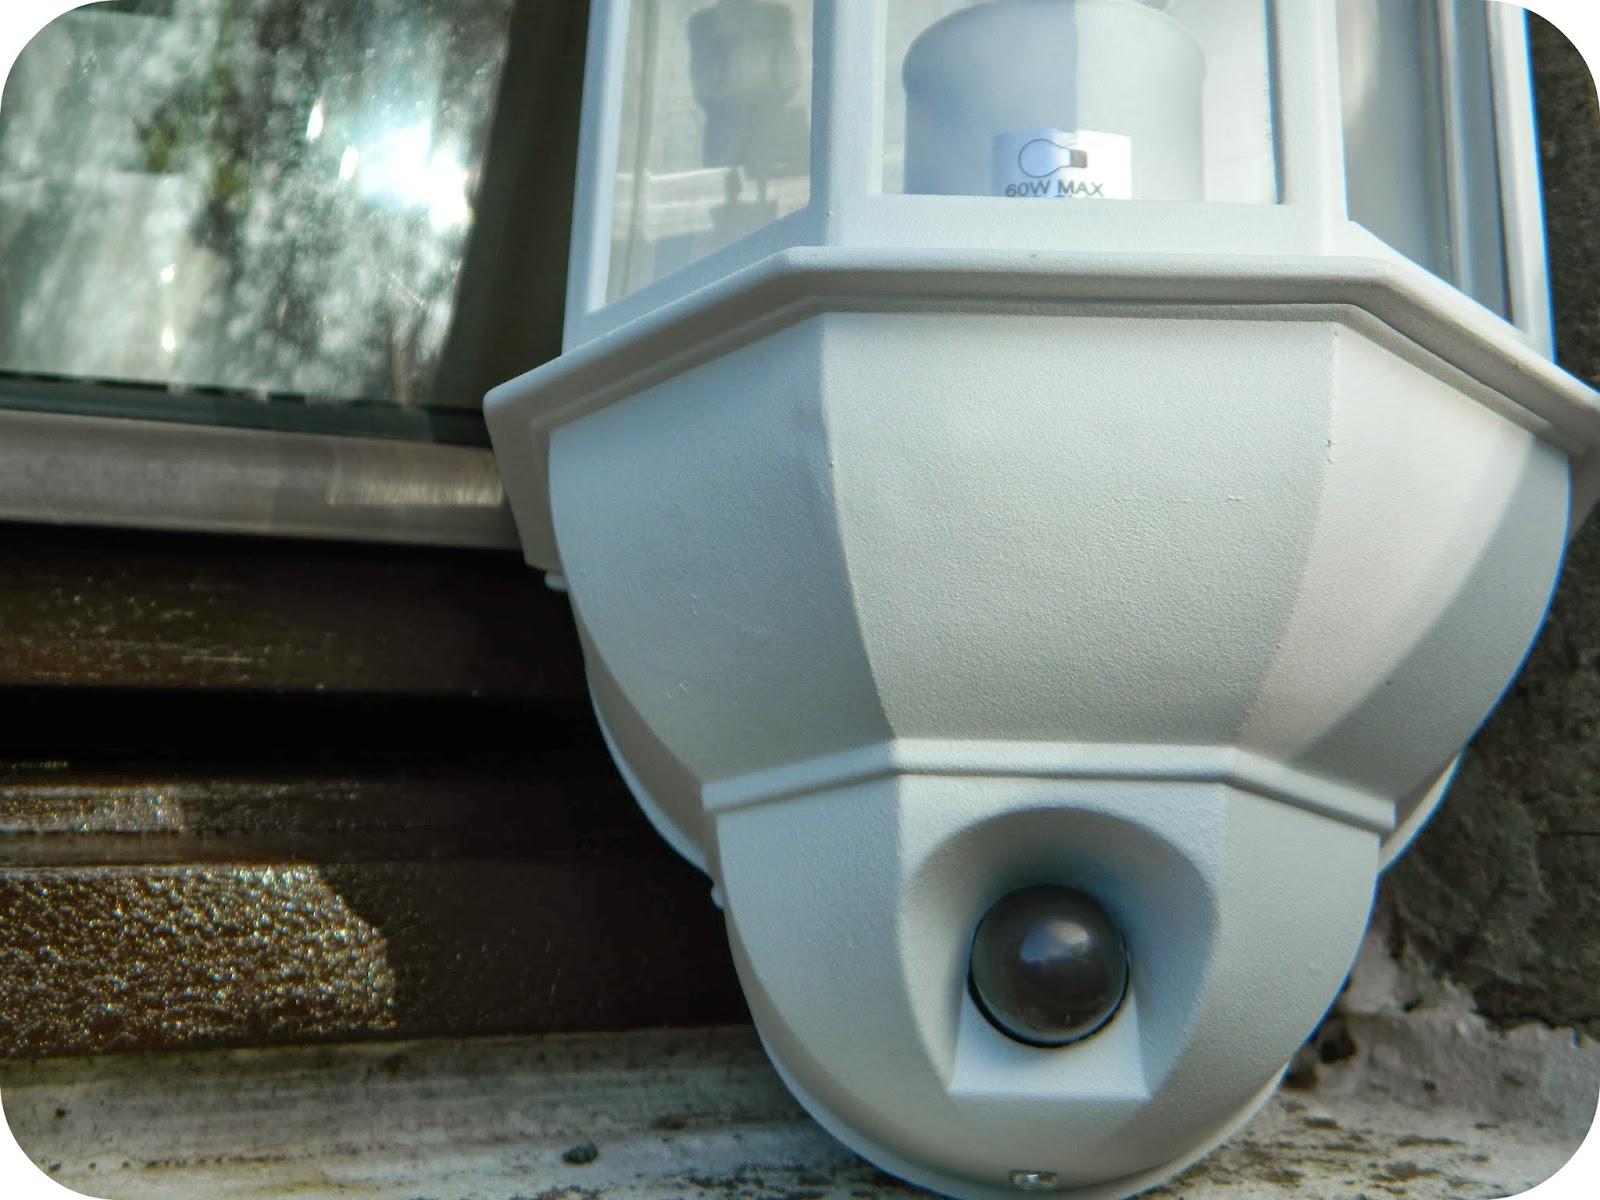 Outdoor lighting john lewis inventrush cocktails in teacups 240 john lewis outdoor light product review aloadofball Choice Image